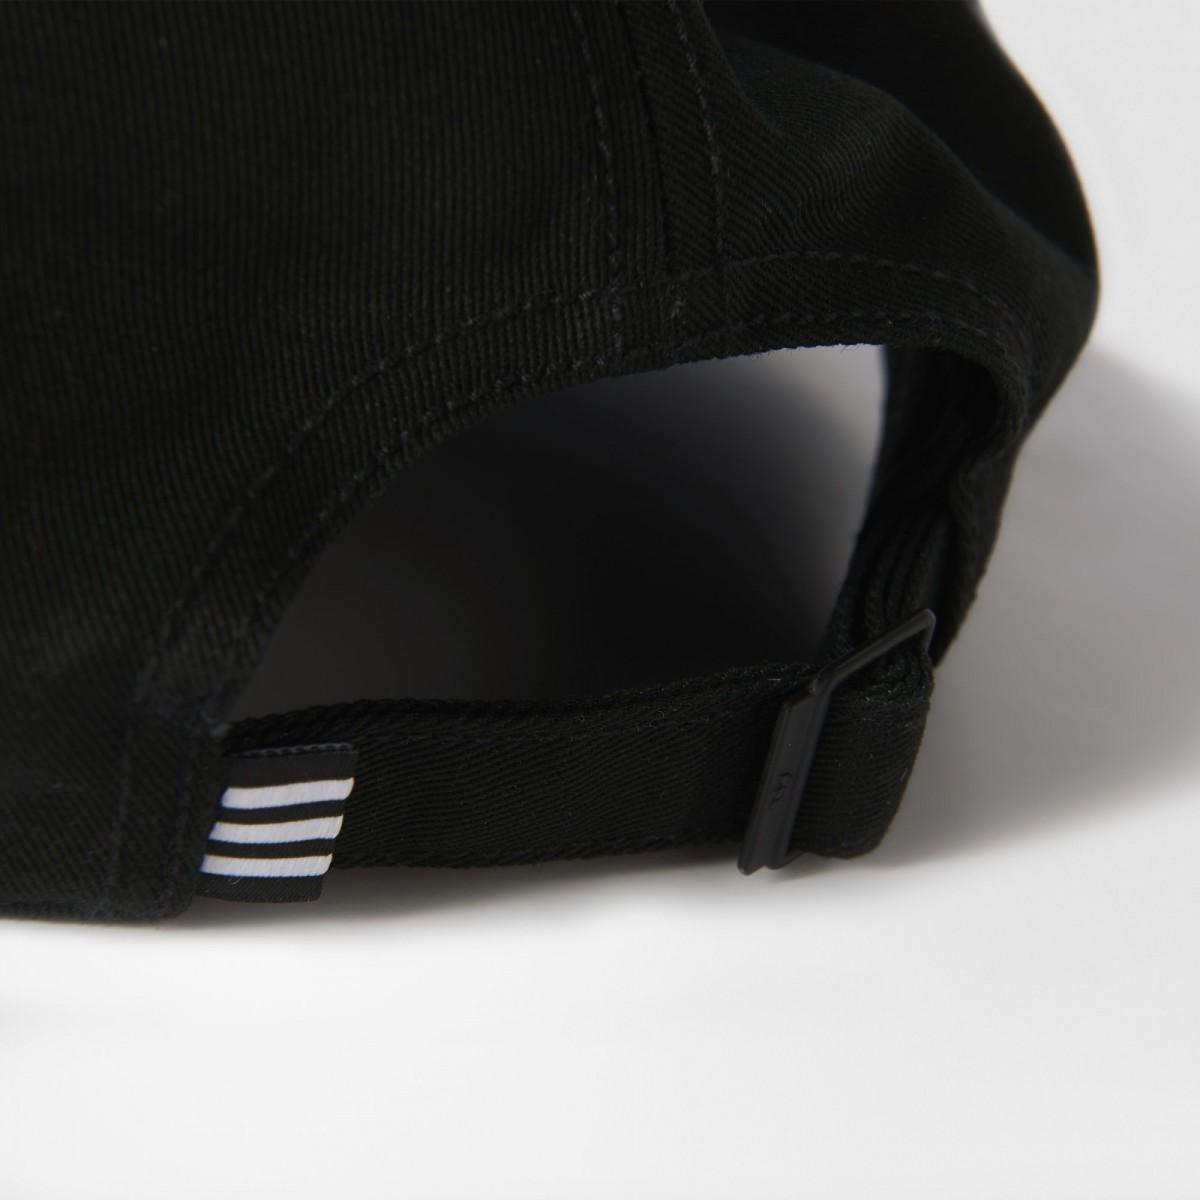 cappello adidas trefoil classic